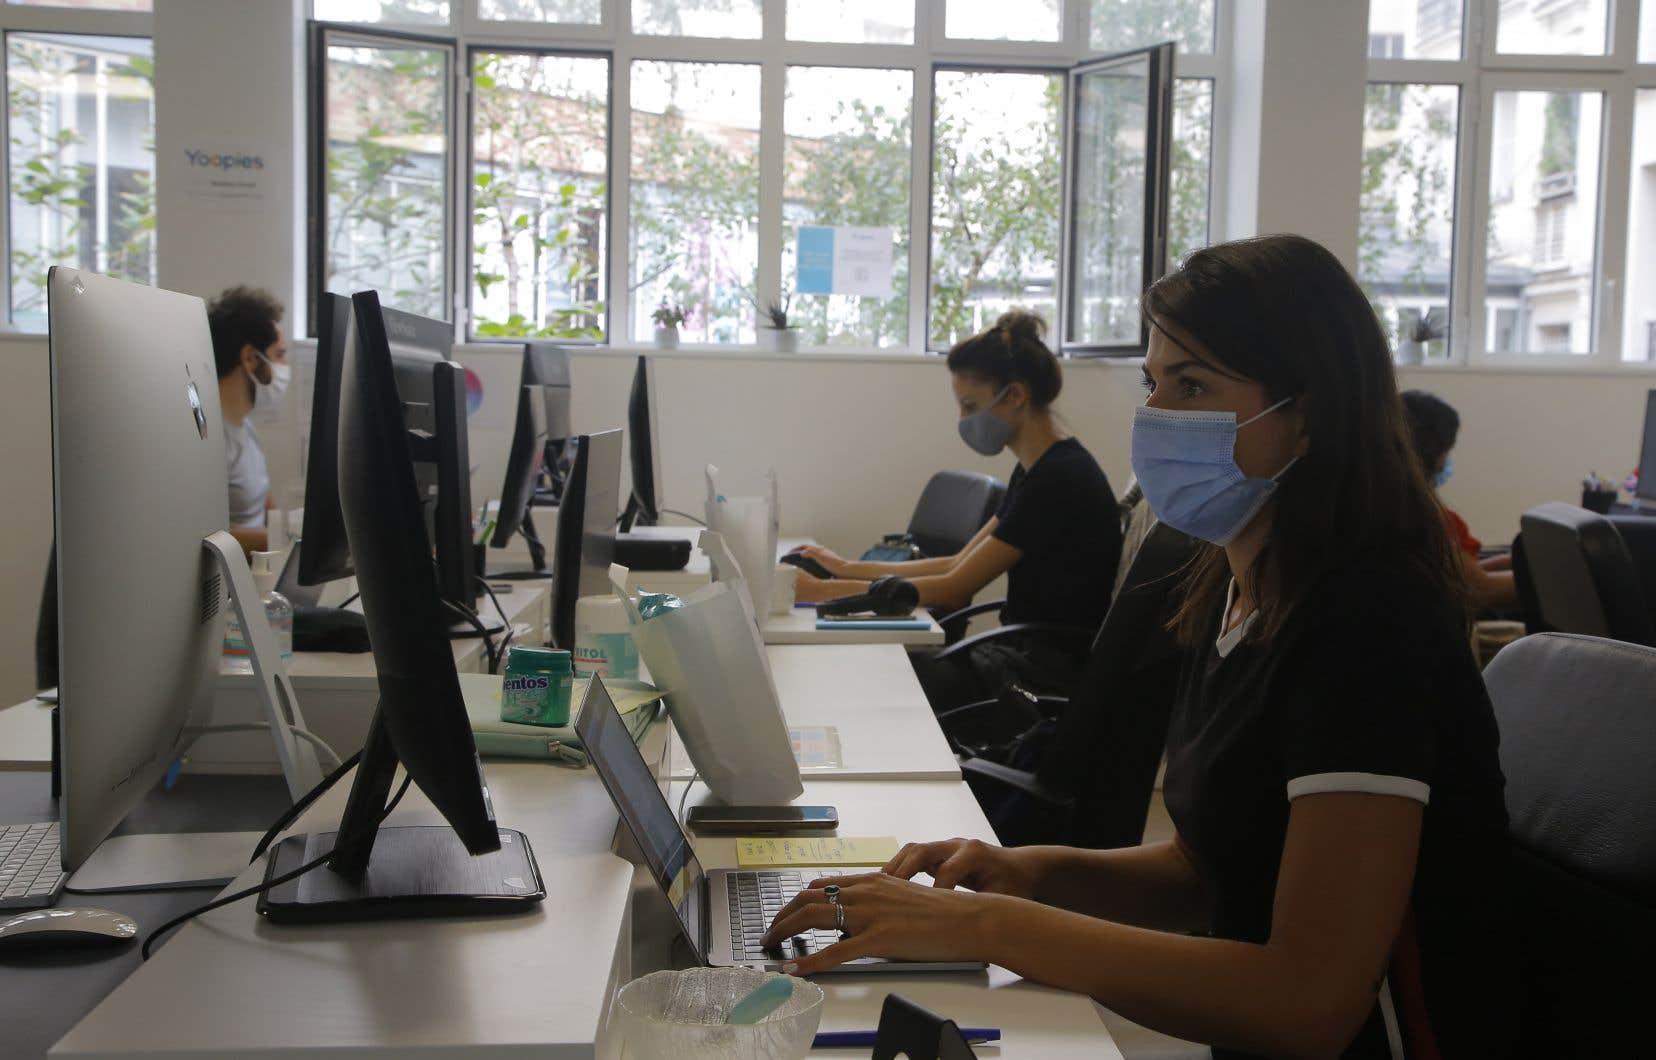 «Dans les endroits qui interdisent les clauses de non-concurrence, les employeurs doivent travailler plus dur pour attirer et garder leurs employés les plus talentueux», écrit l'auteur.